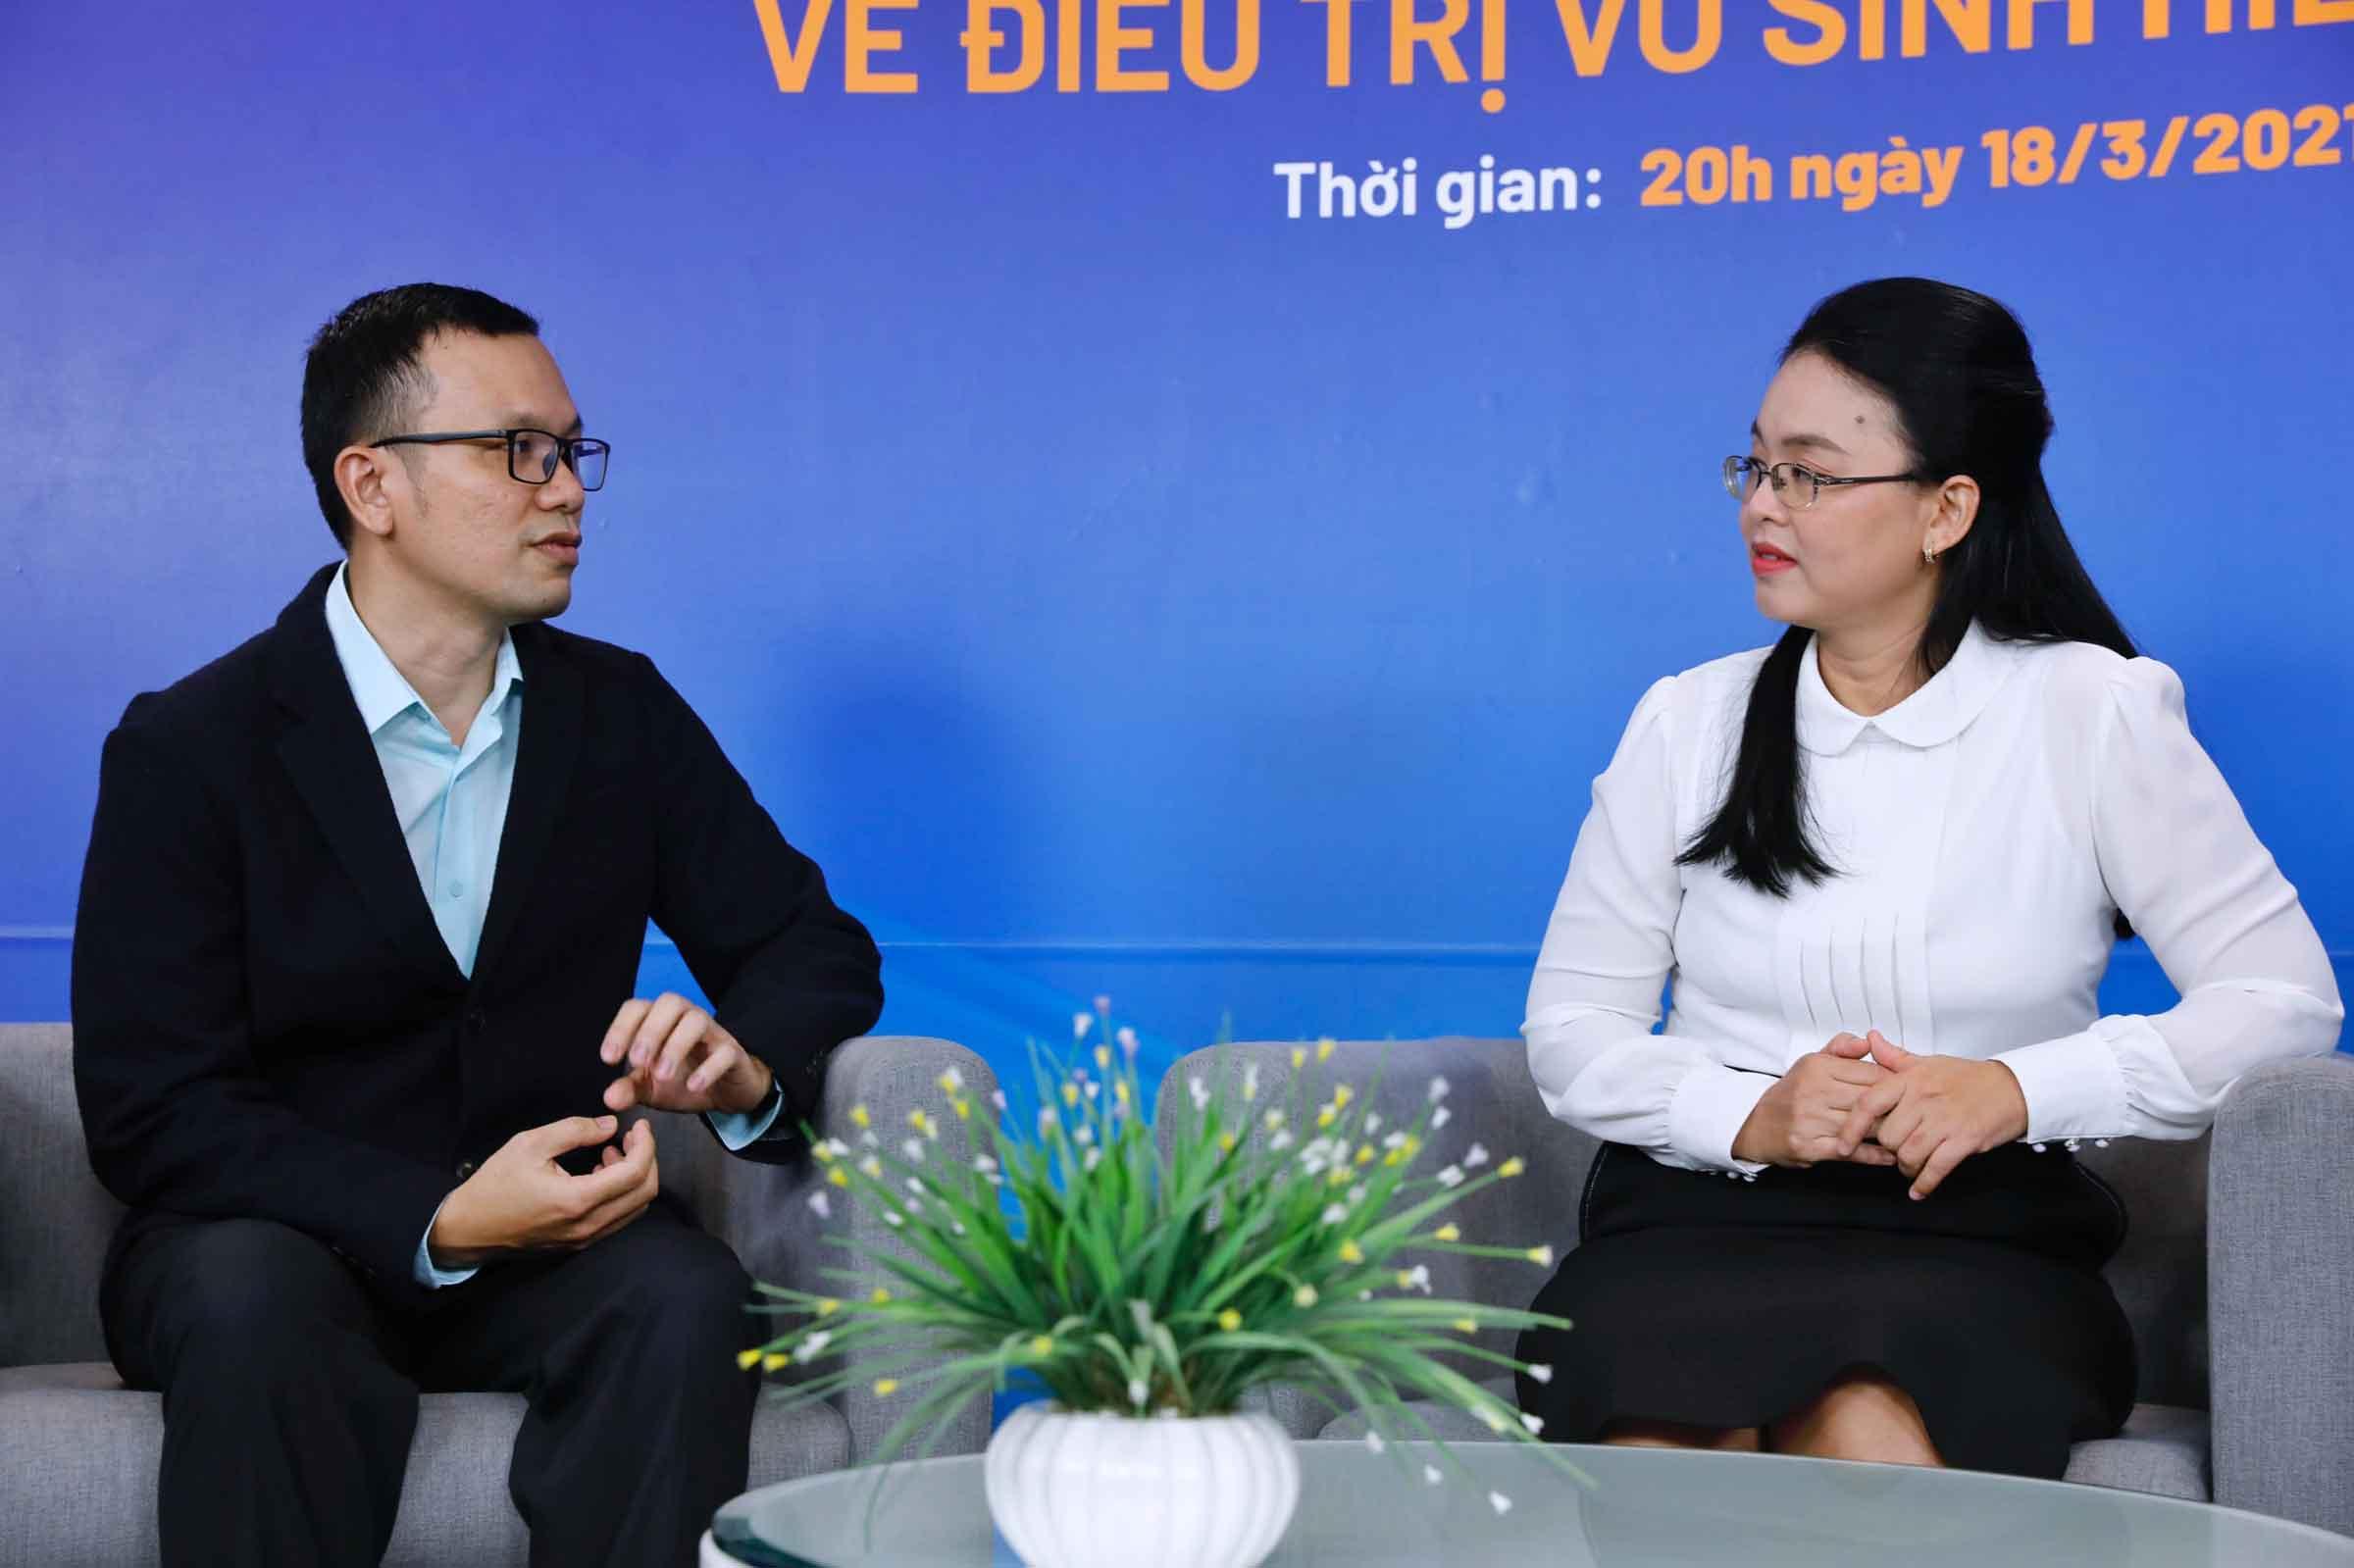 Bác sĩ Huỳnh Như và bác sĩ Đăng Khoa thảo luận về trường hợp vô sinh hiếm muộn của các độc giả gửi về chương trình.